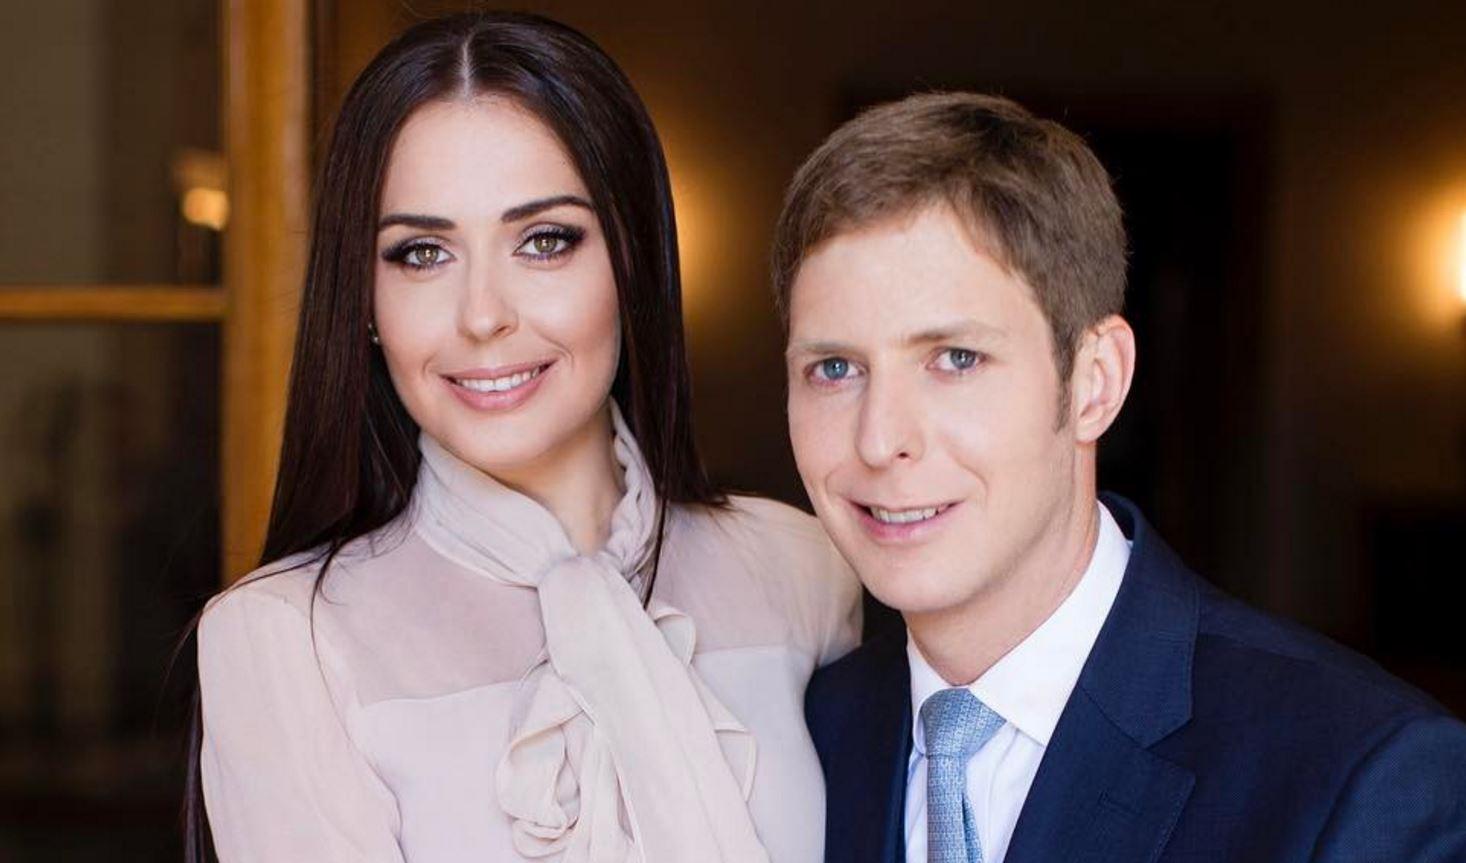 Elia Zaharia dhe Princ Leka – Dasmë në ditë të veçantë